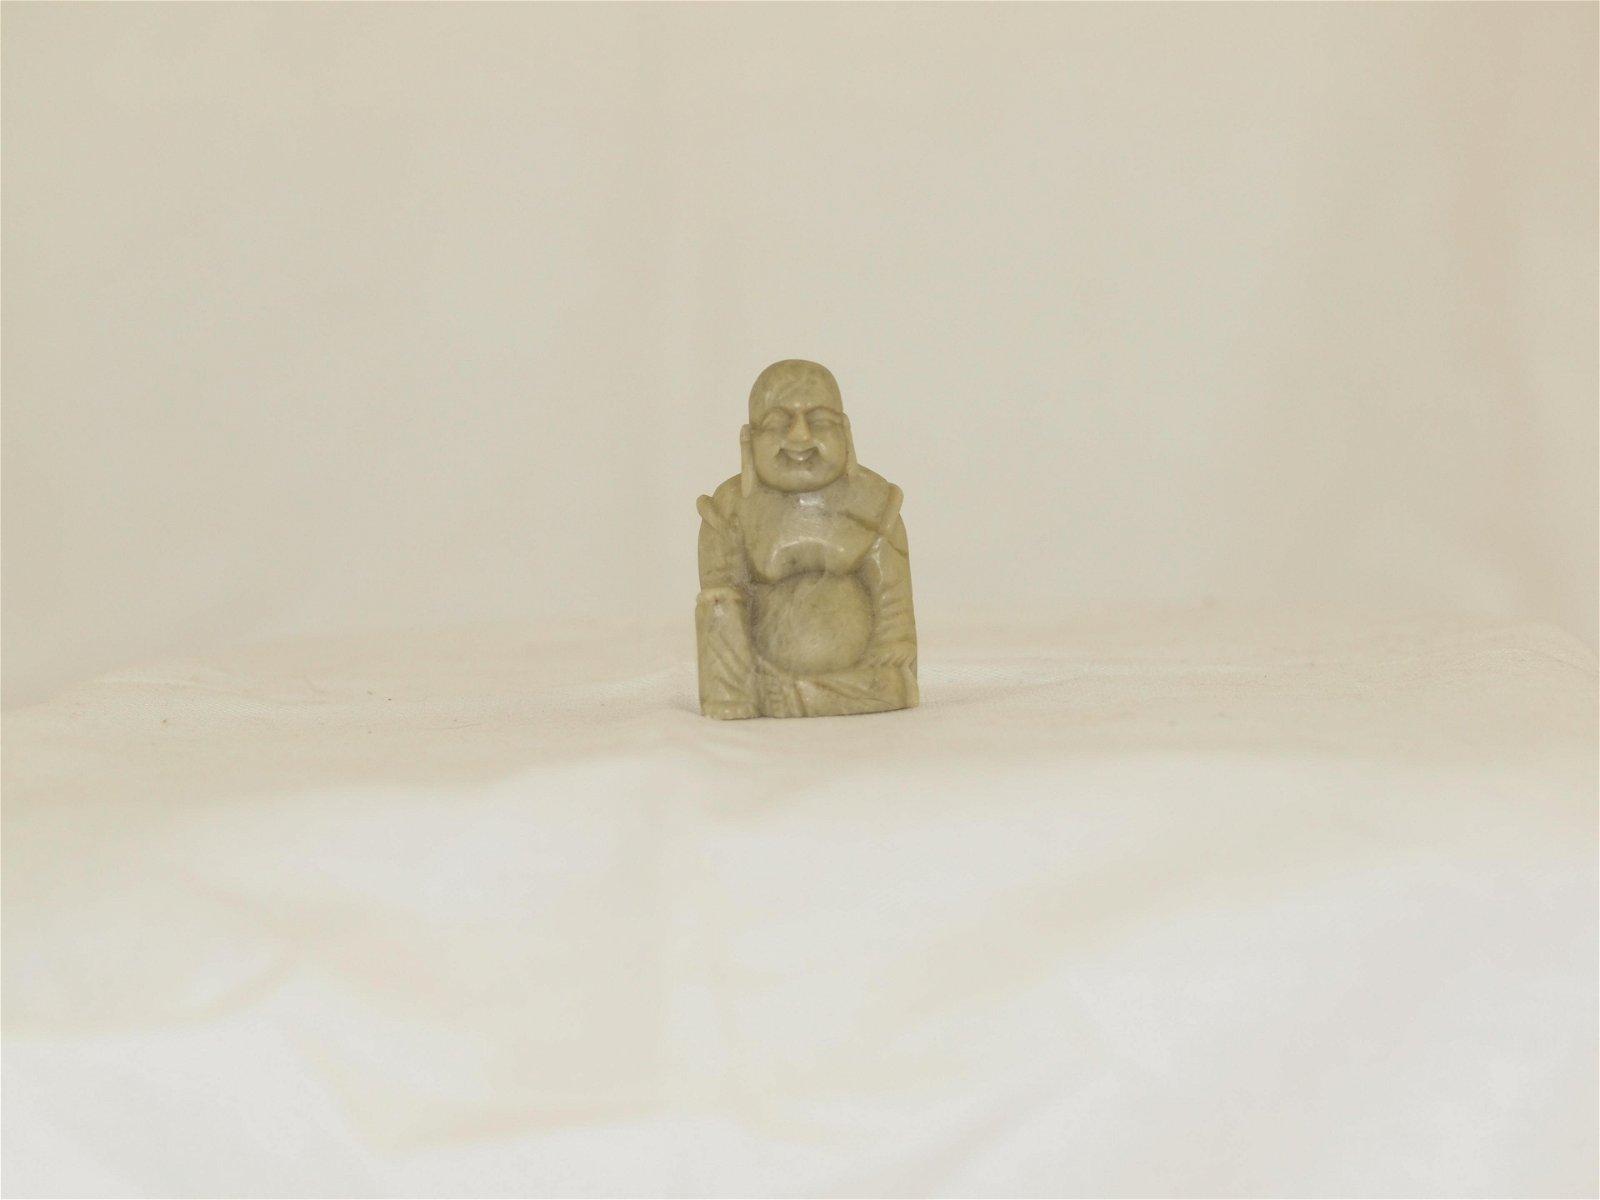 Statue Budai Happy Buddha Serpentine